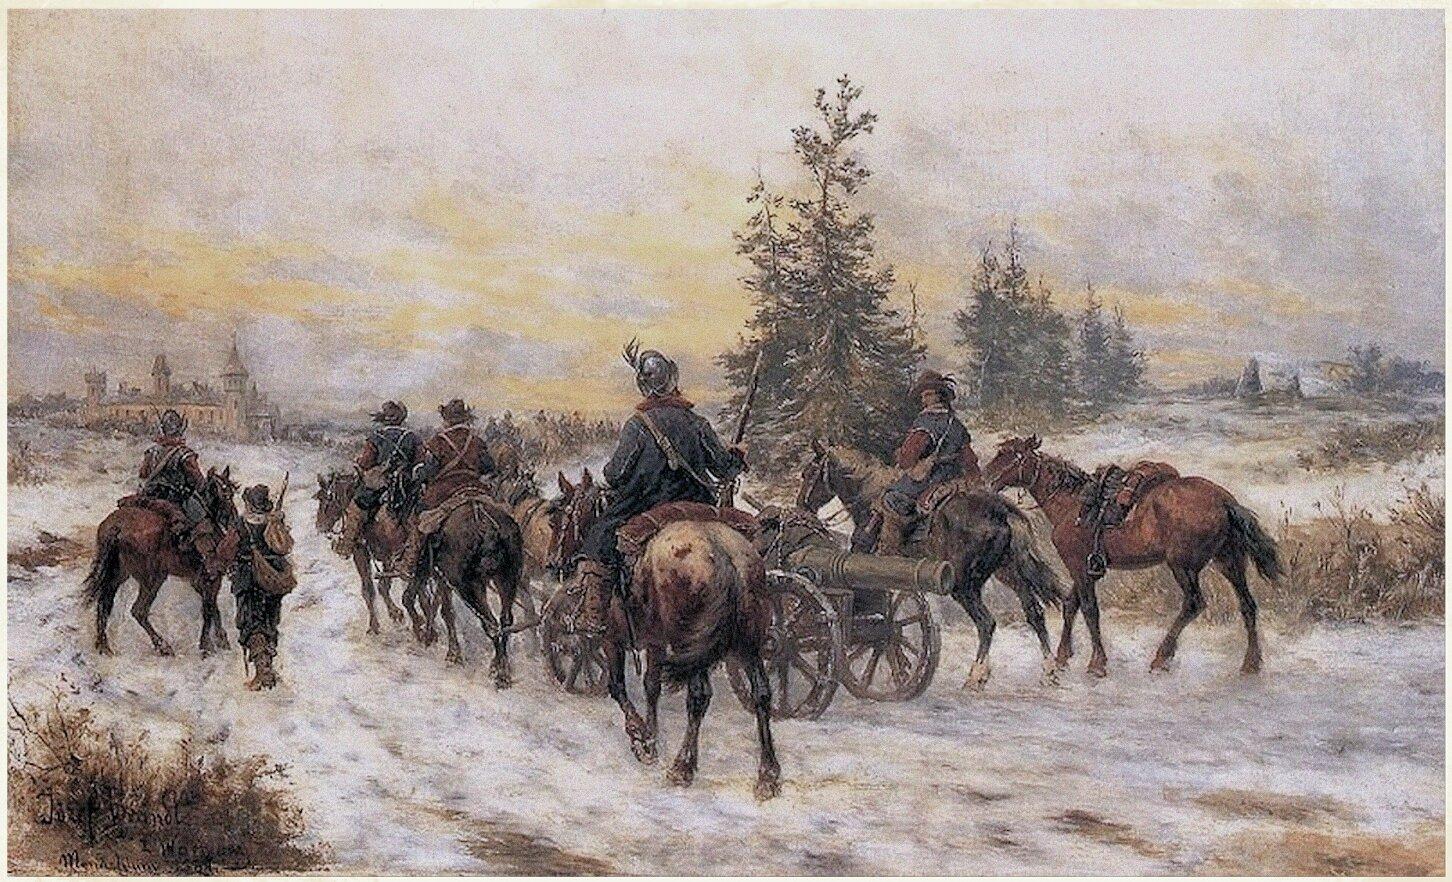 Marsz Szwedów do Kiejdan Pochód wojsk szwedzkich wkierunku Kiejdan, przedstawiony na starejpocztówce. Źródło: Józef Brandt, Marsz Szwedów do Kiejdan, domena publiczna.